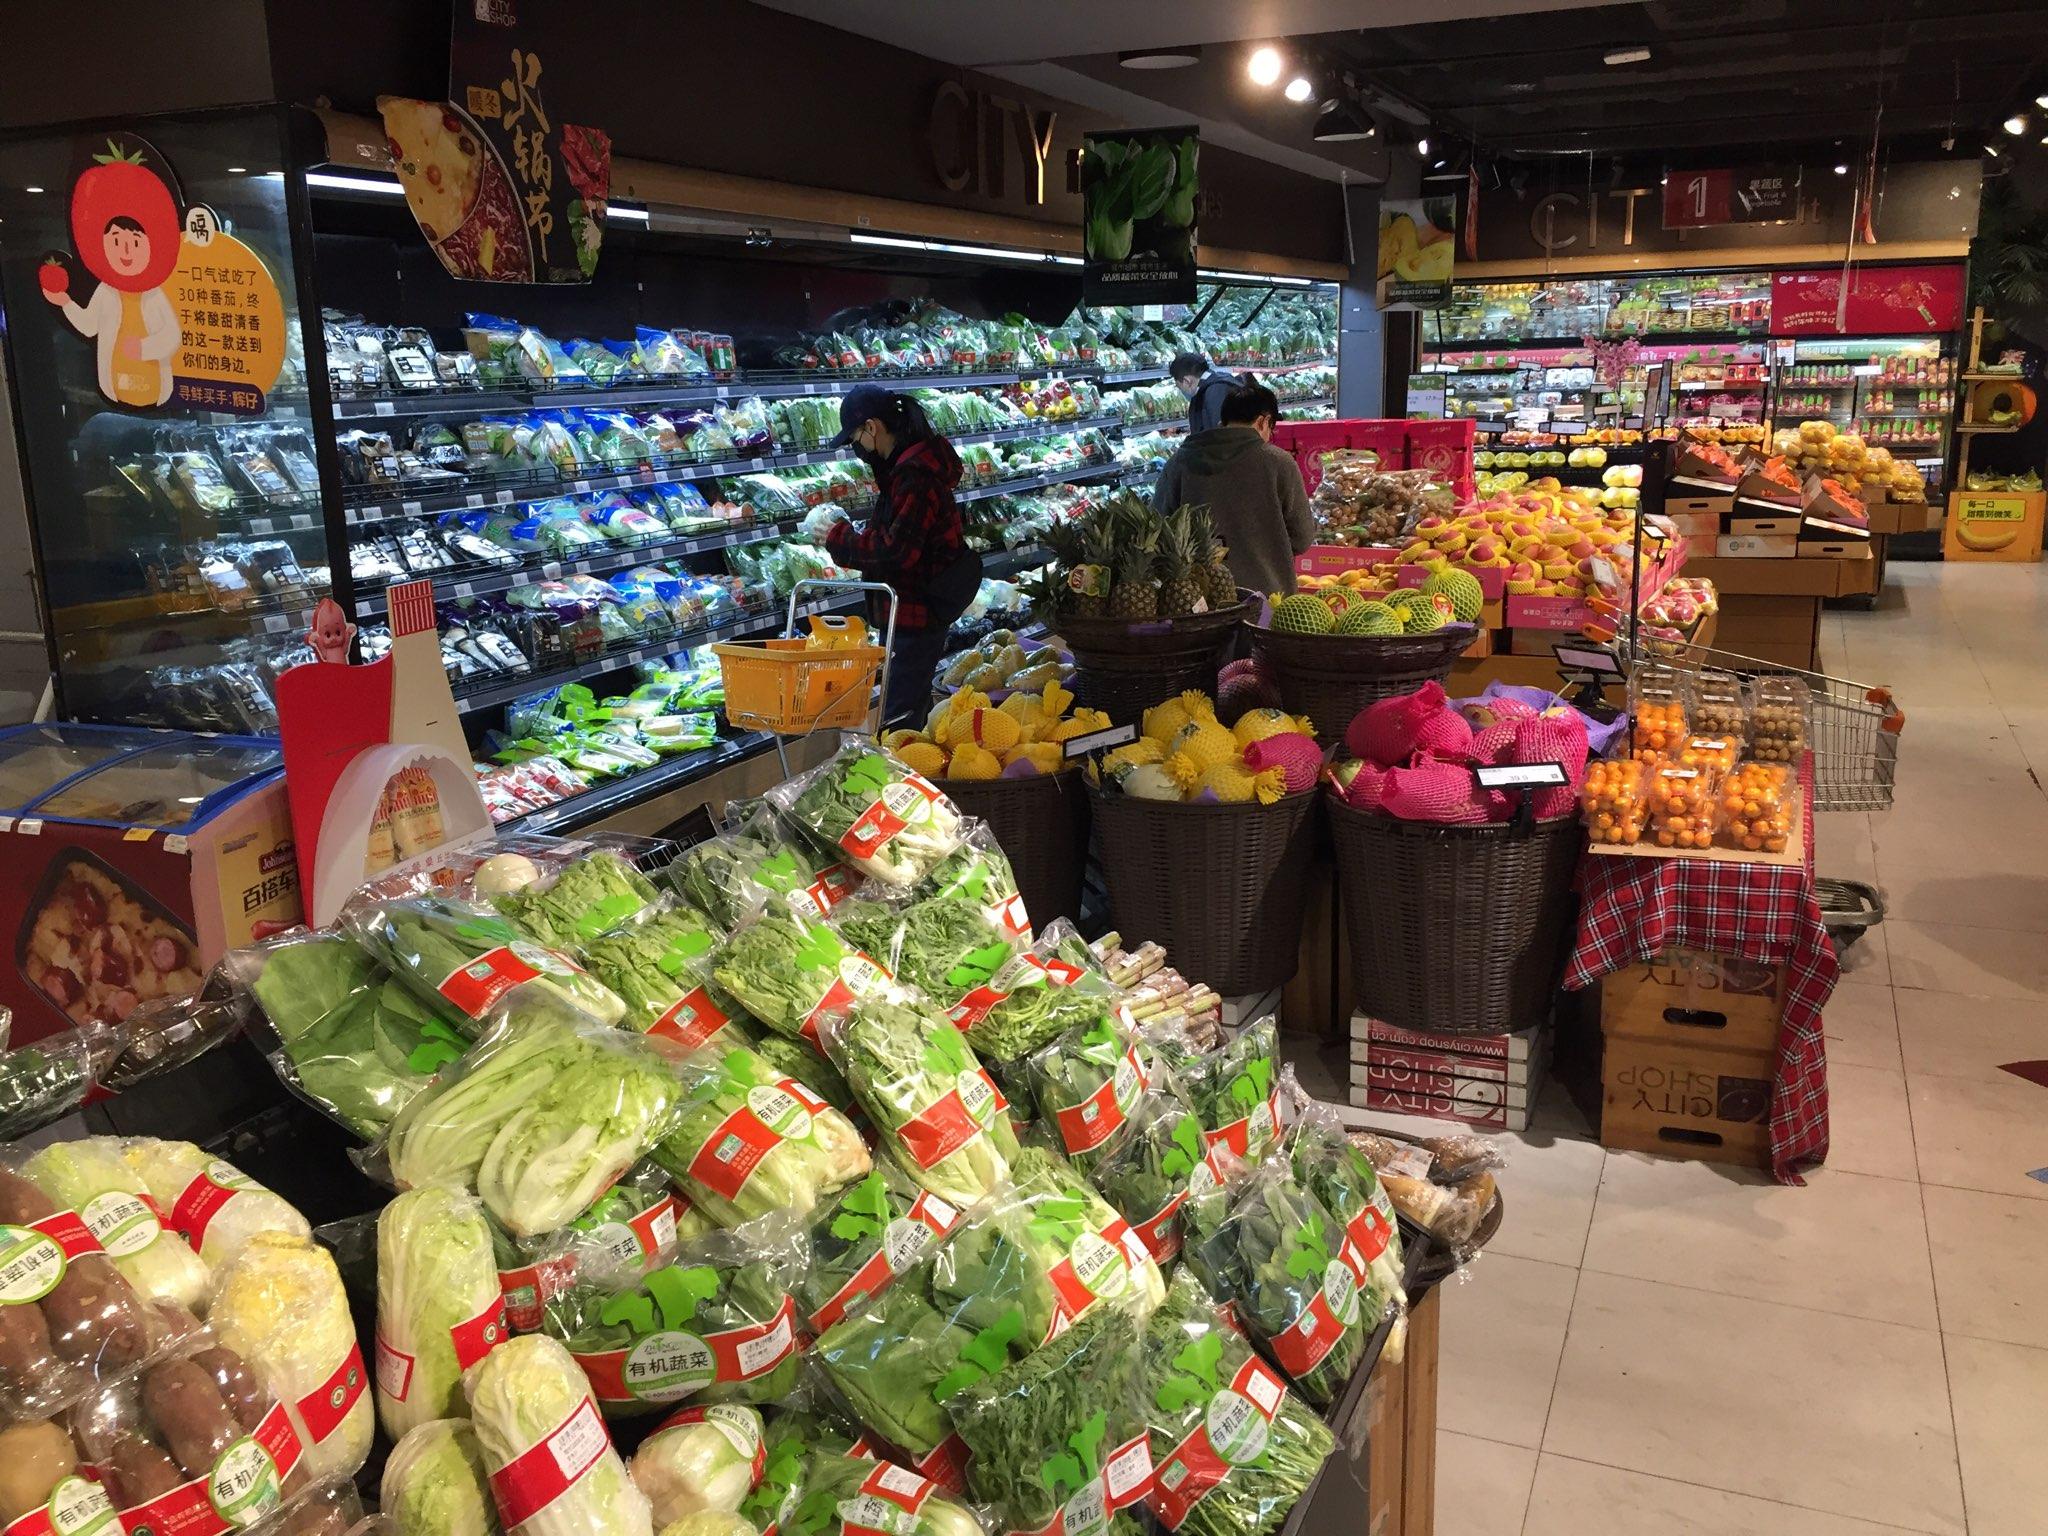 Selv om Kina er hårdt ramt af Corona-virussen går livet videre. Her et fyldt supermarked fotograferet i denne uge i Shanghai. Foto: Casper Tollerud.